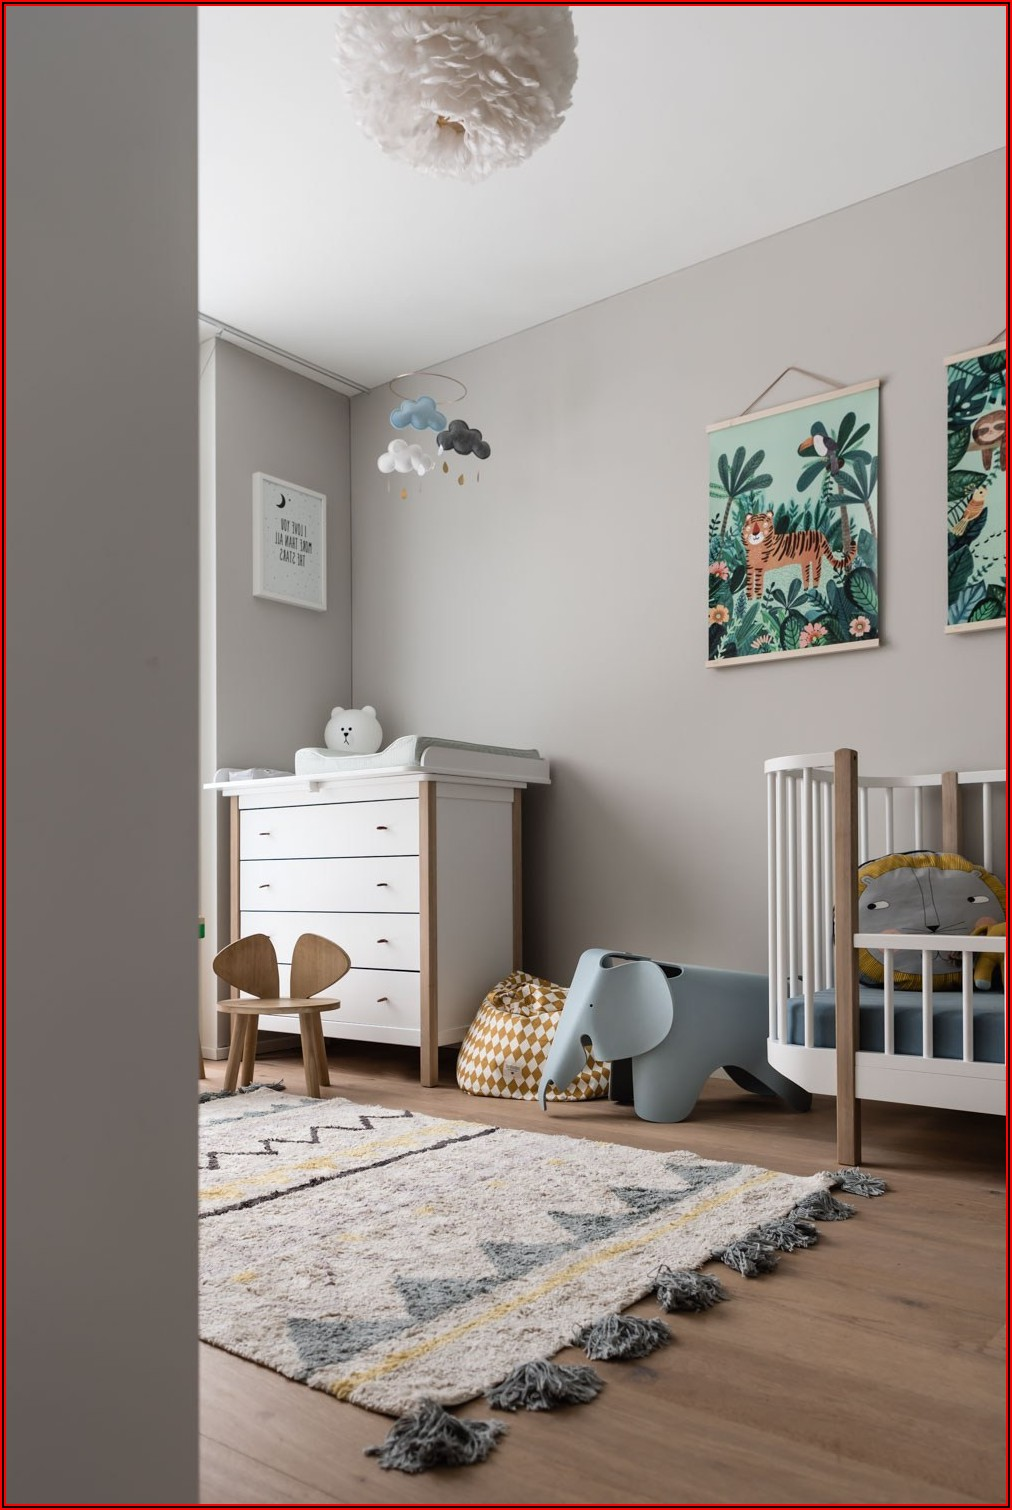 Kleines Kinderzimmer Für 2 Einrichten